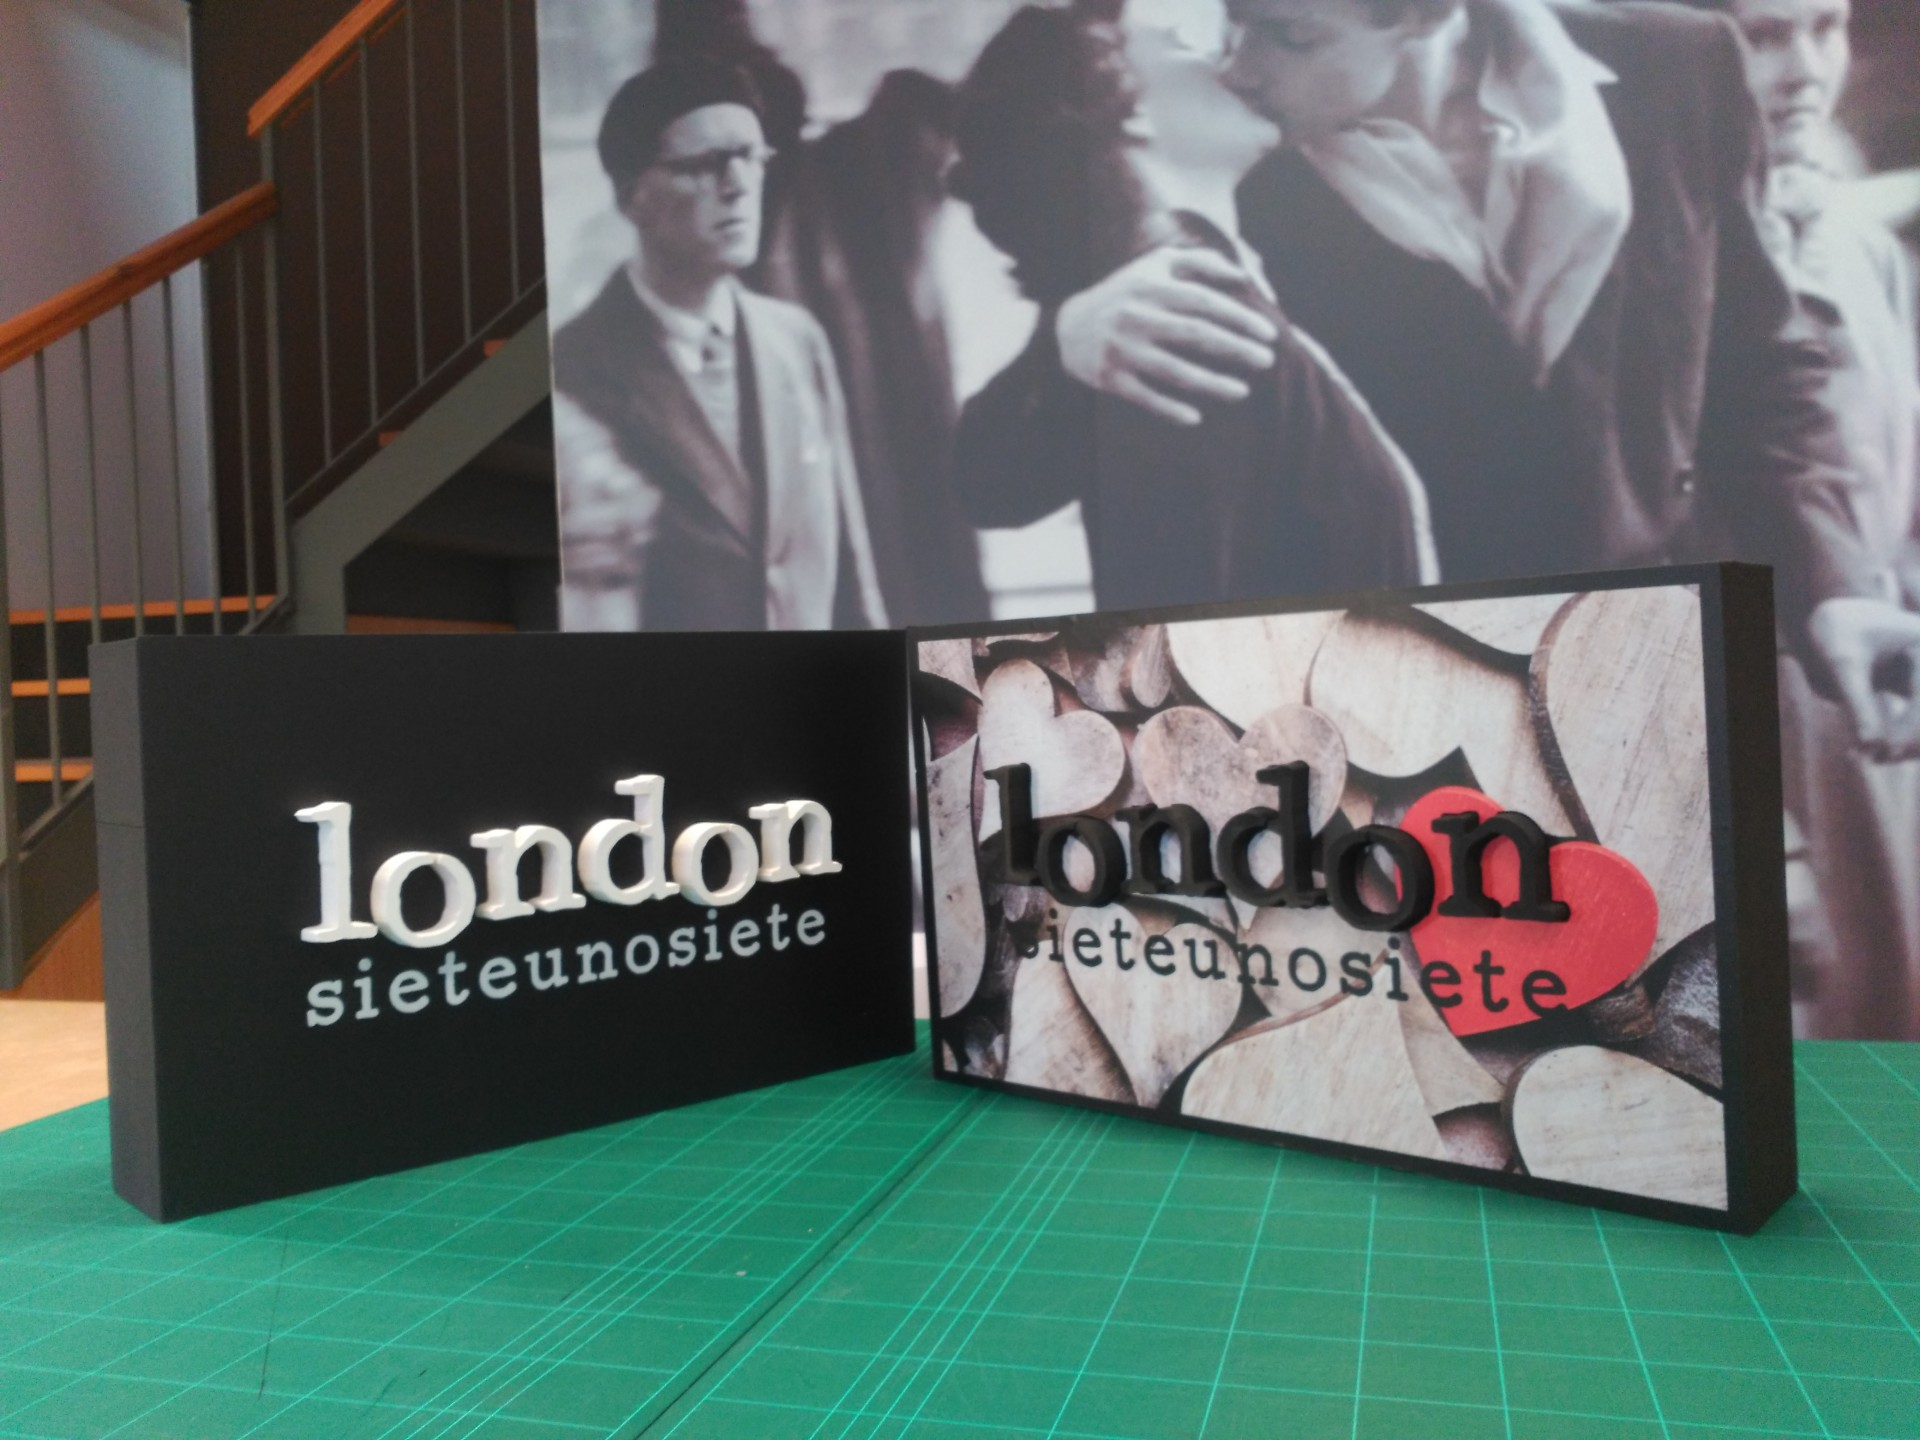 poliestireno_cartel_letrero_feria_letras_logo_ecofriendly_love_modasostenible_london717_londonsieteunosiete_moda_fashion_ESTELLA_NAVARRA_IMPRESIÓN_DISEÑO_VINILOS_ROTULACIÓN